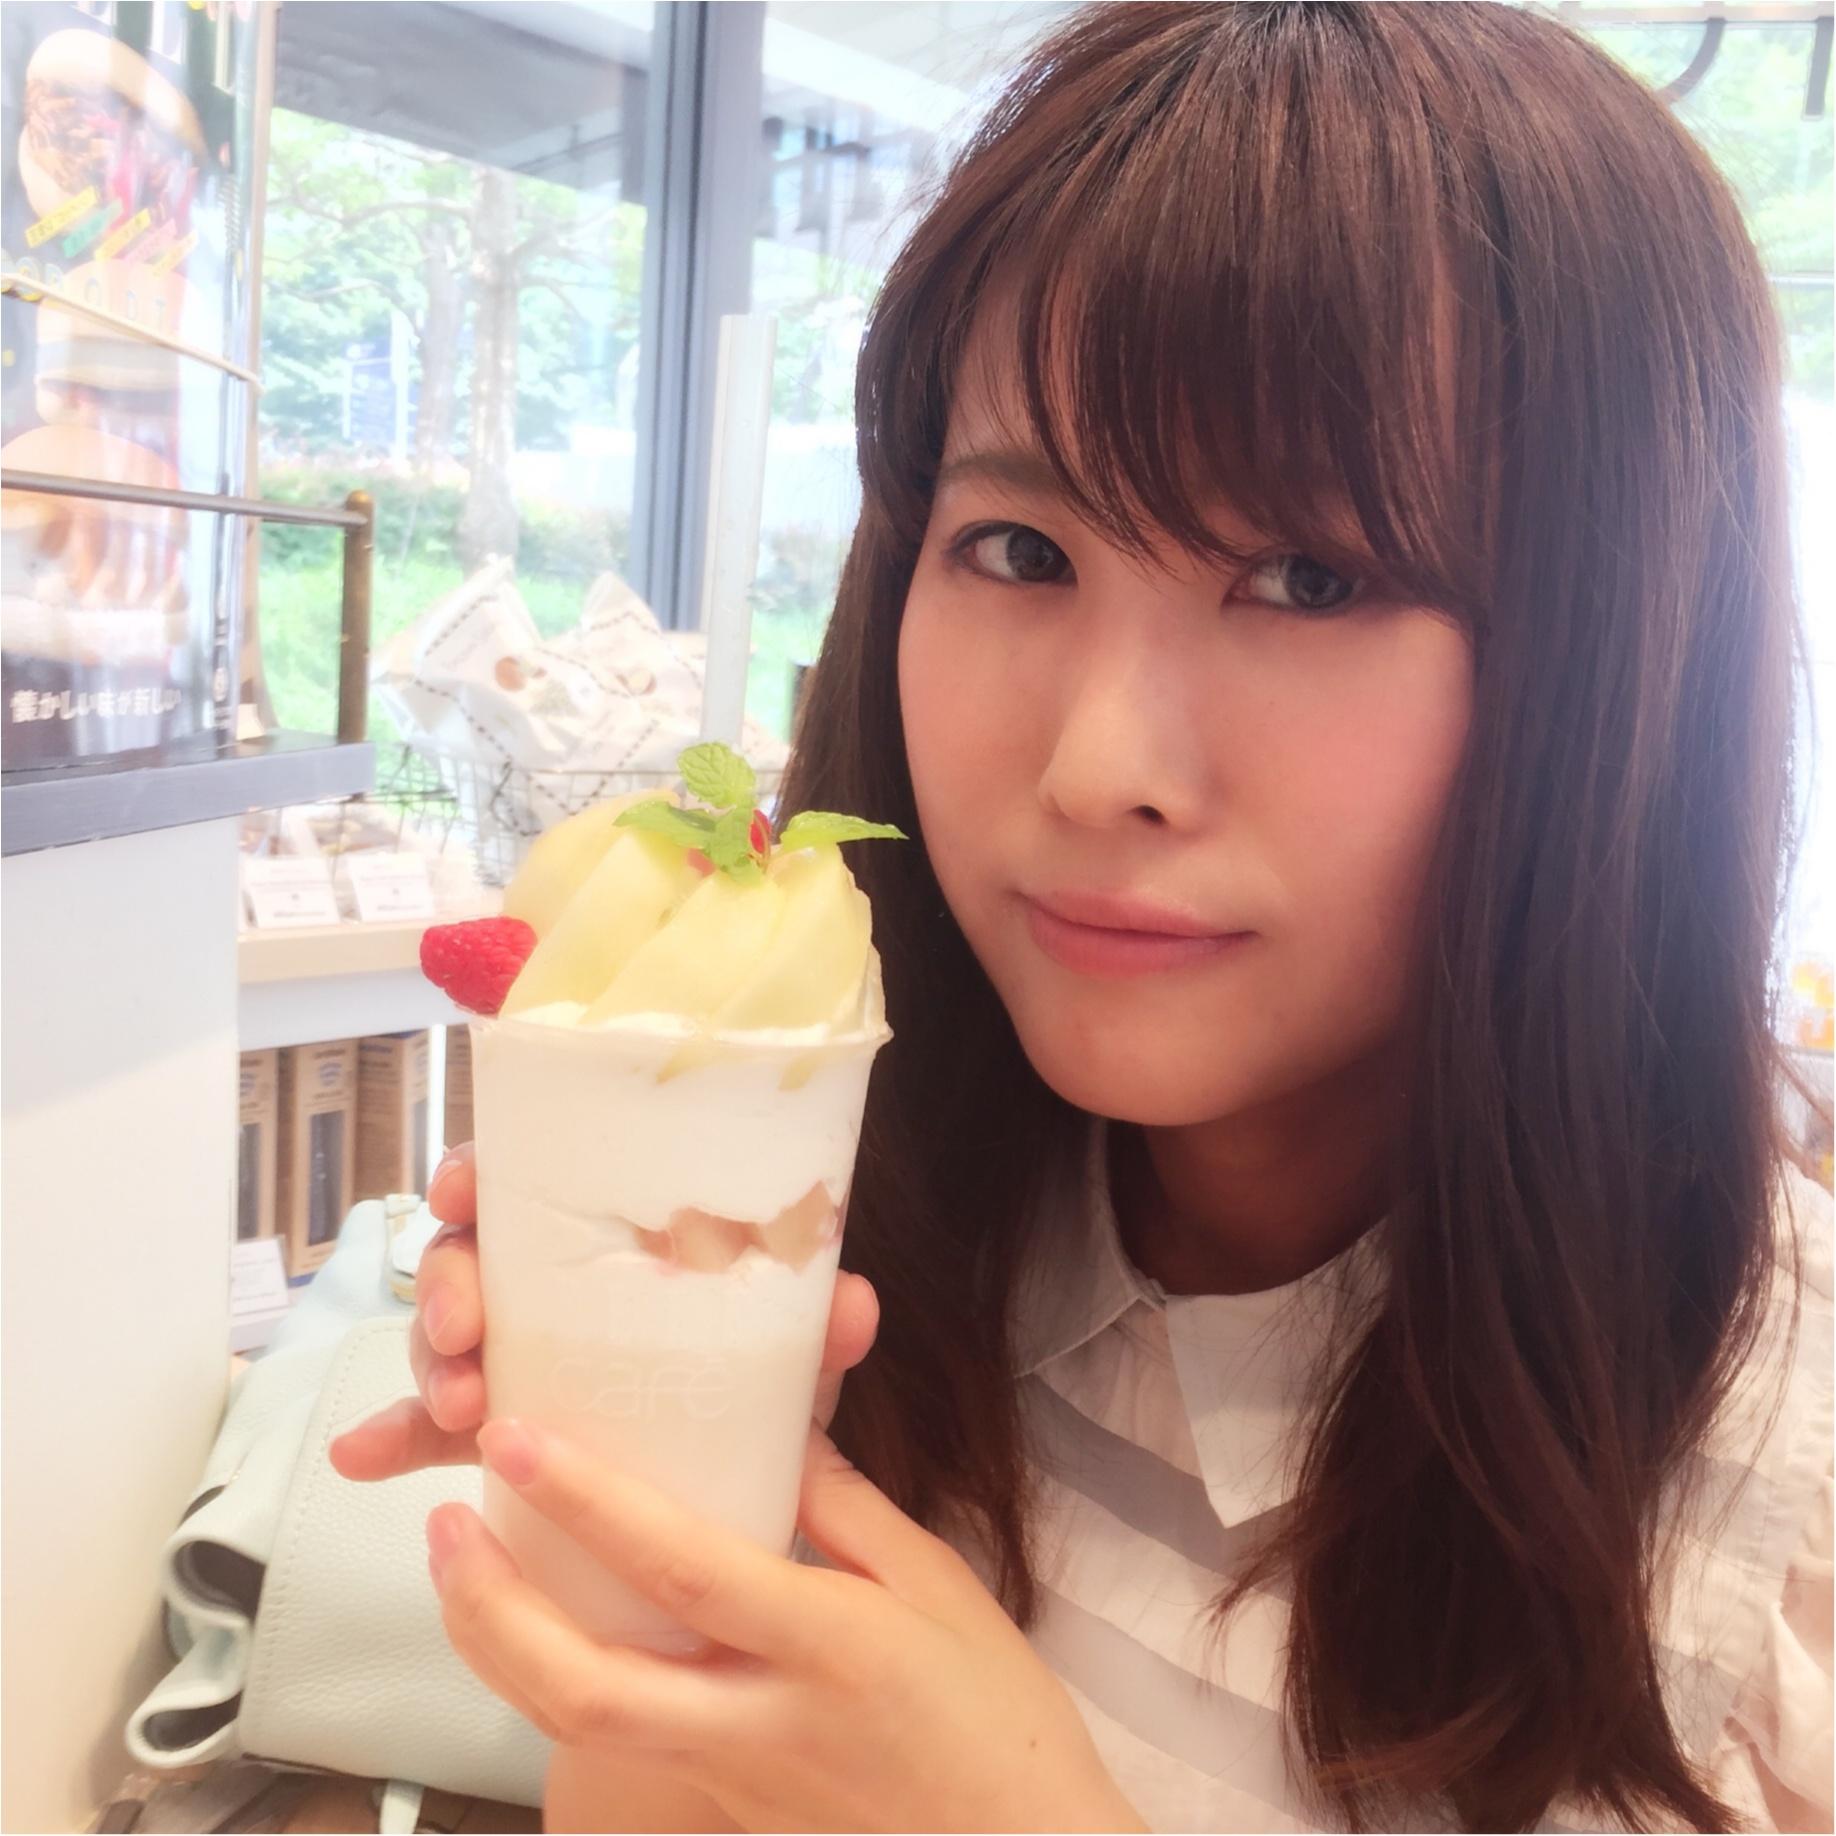 ELLEcafe(エルカフェ)期間限定「桃」ボンボンスムージーは見逃せない!並ばない店舗情報♡_4